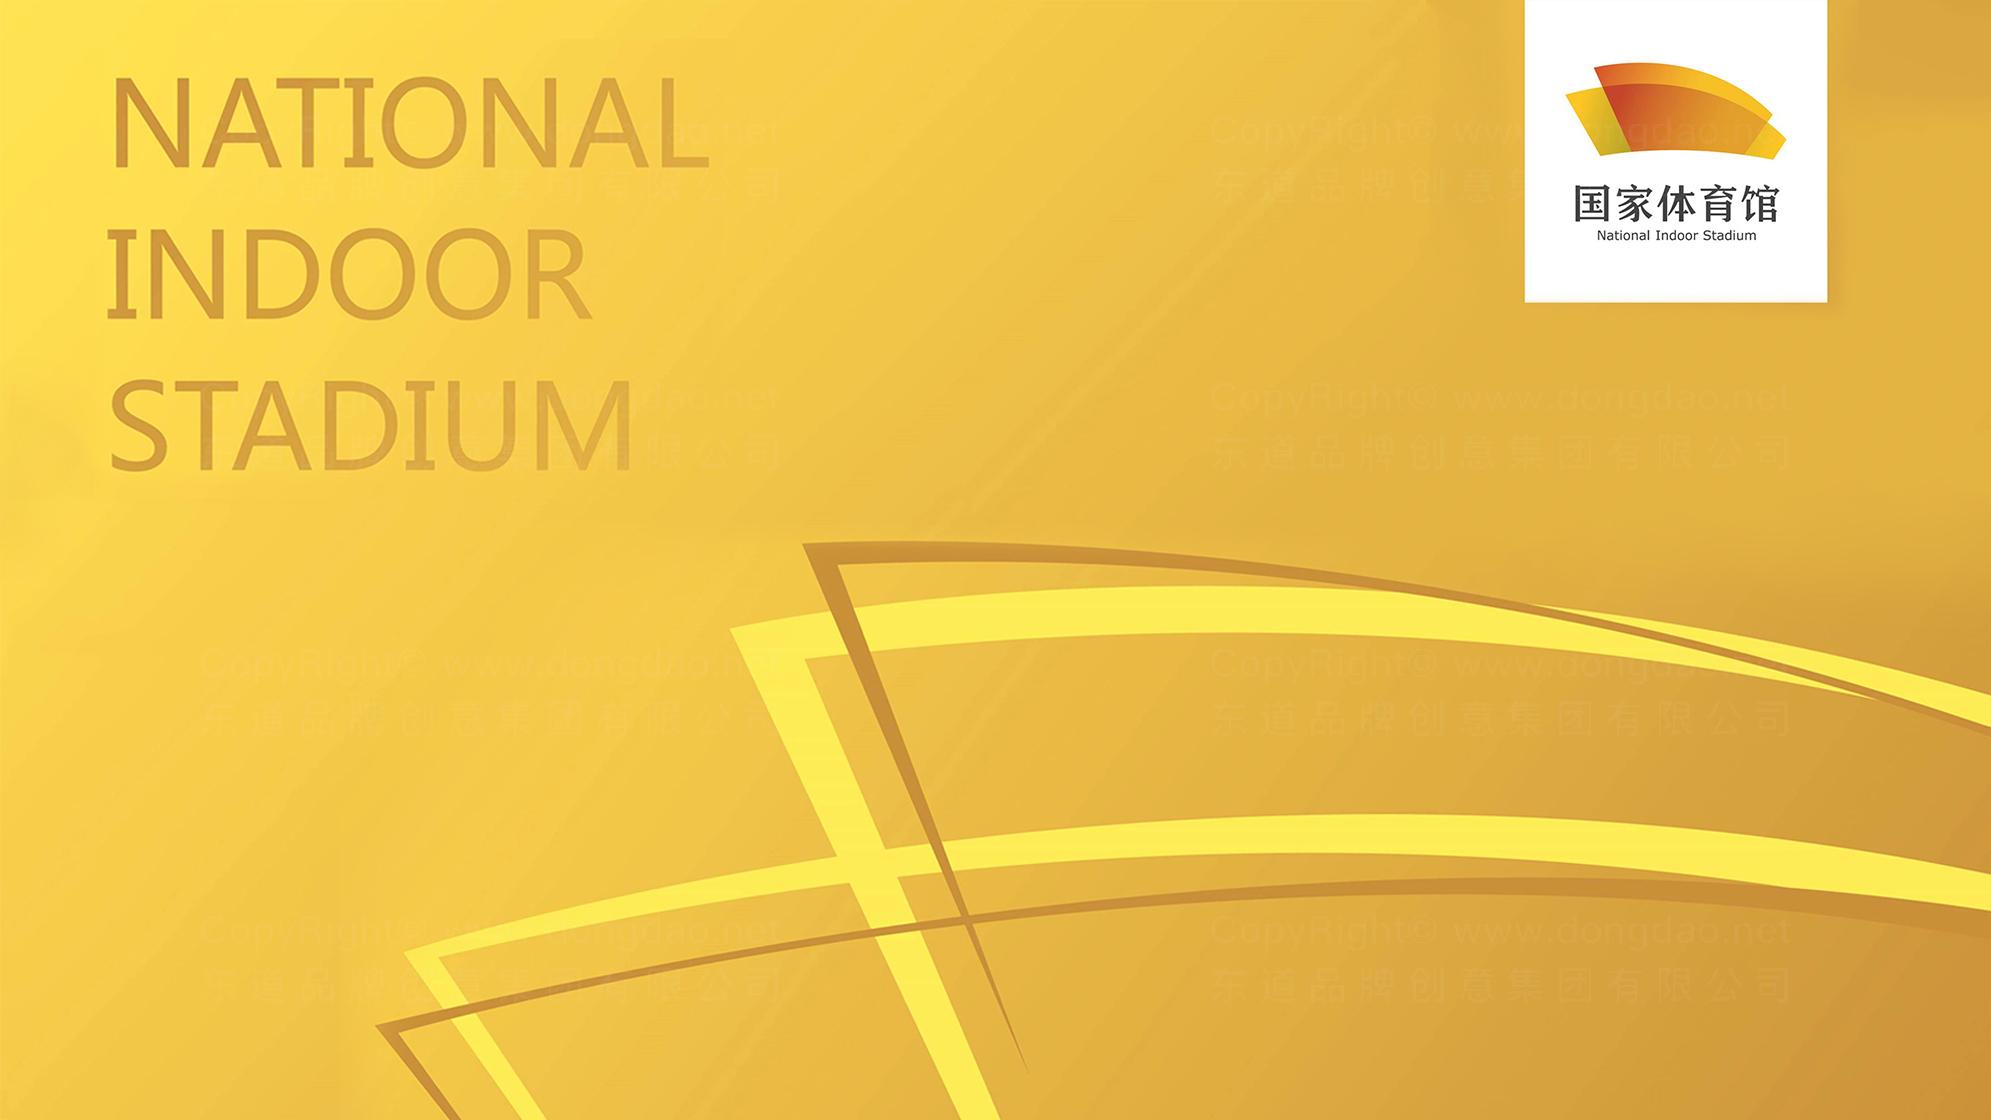 文体娱媒品牌设计国家体育馆LOGO&VI设计